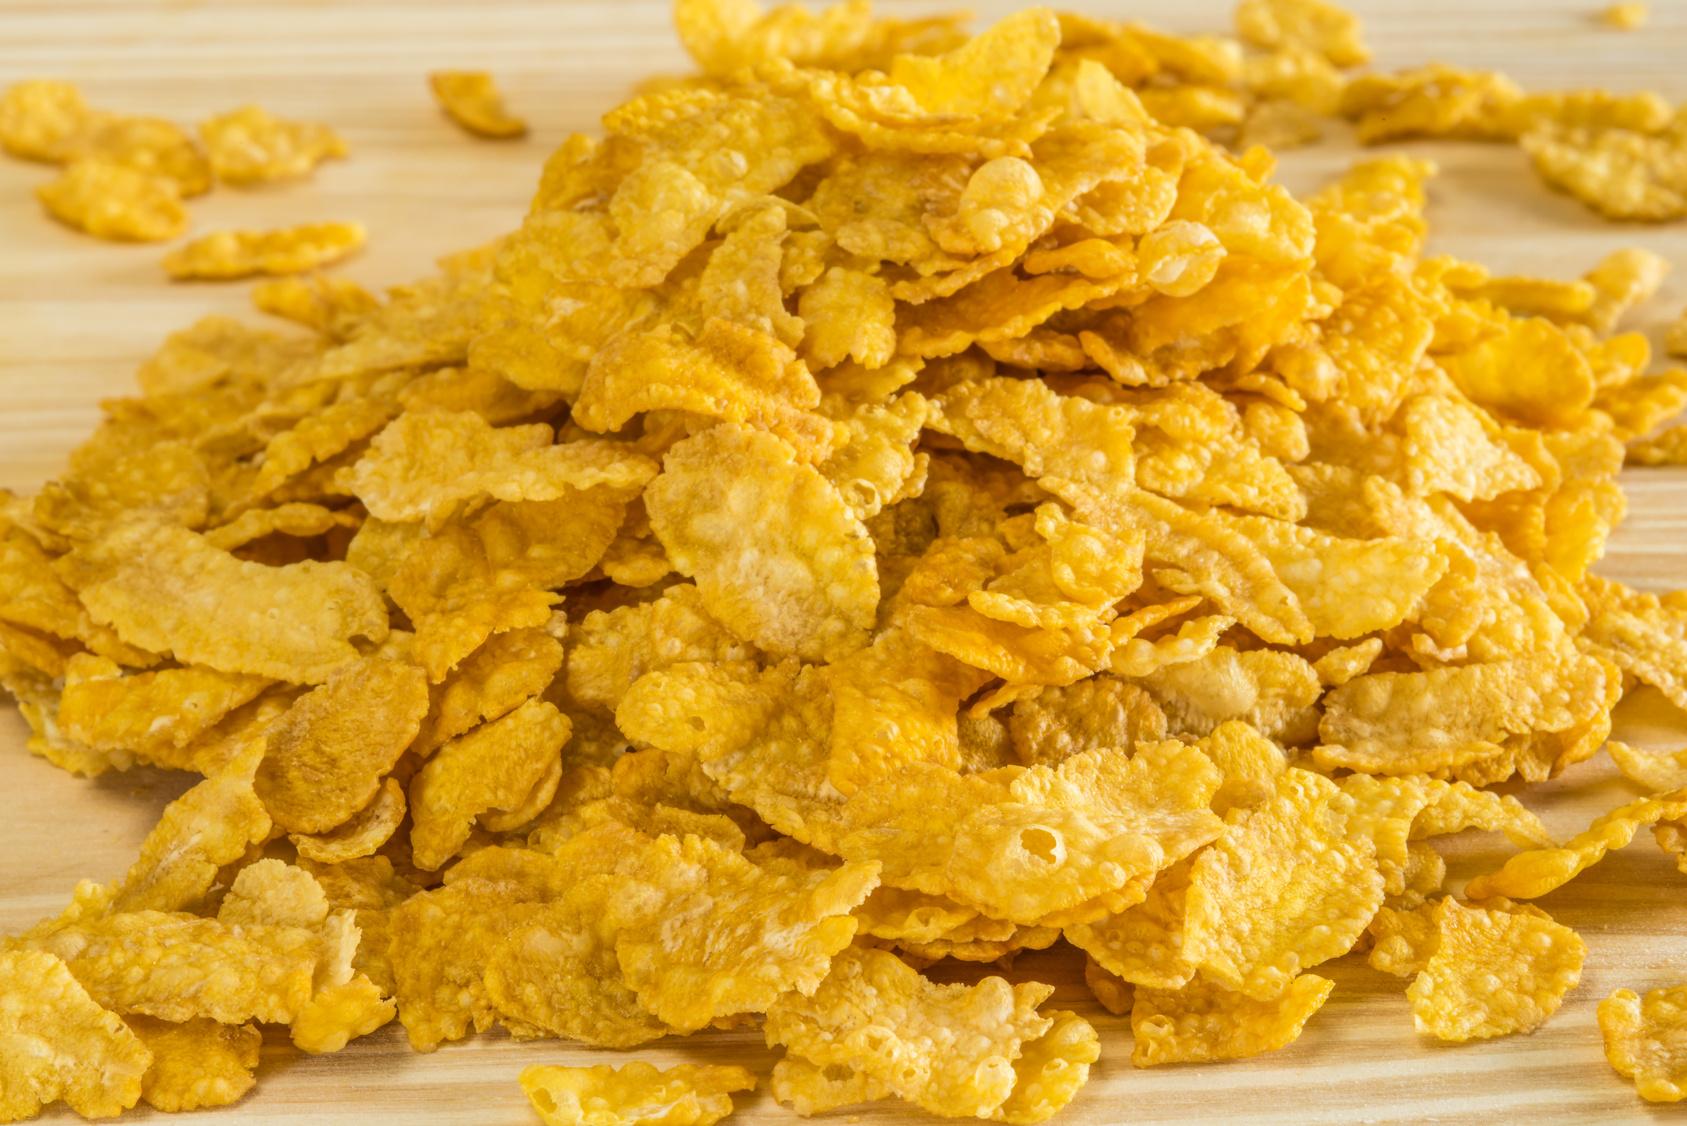 El sistema de lubricación K1 de NSK soluciona los problemas que se producían en una planta de cereales